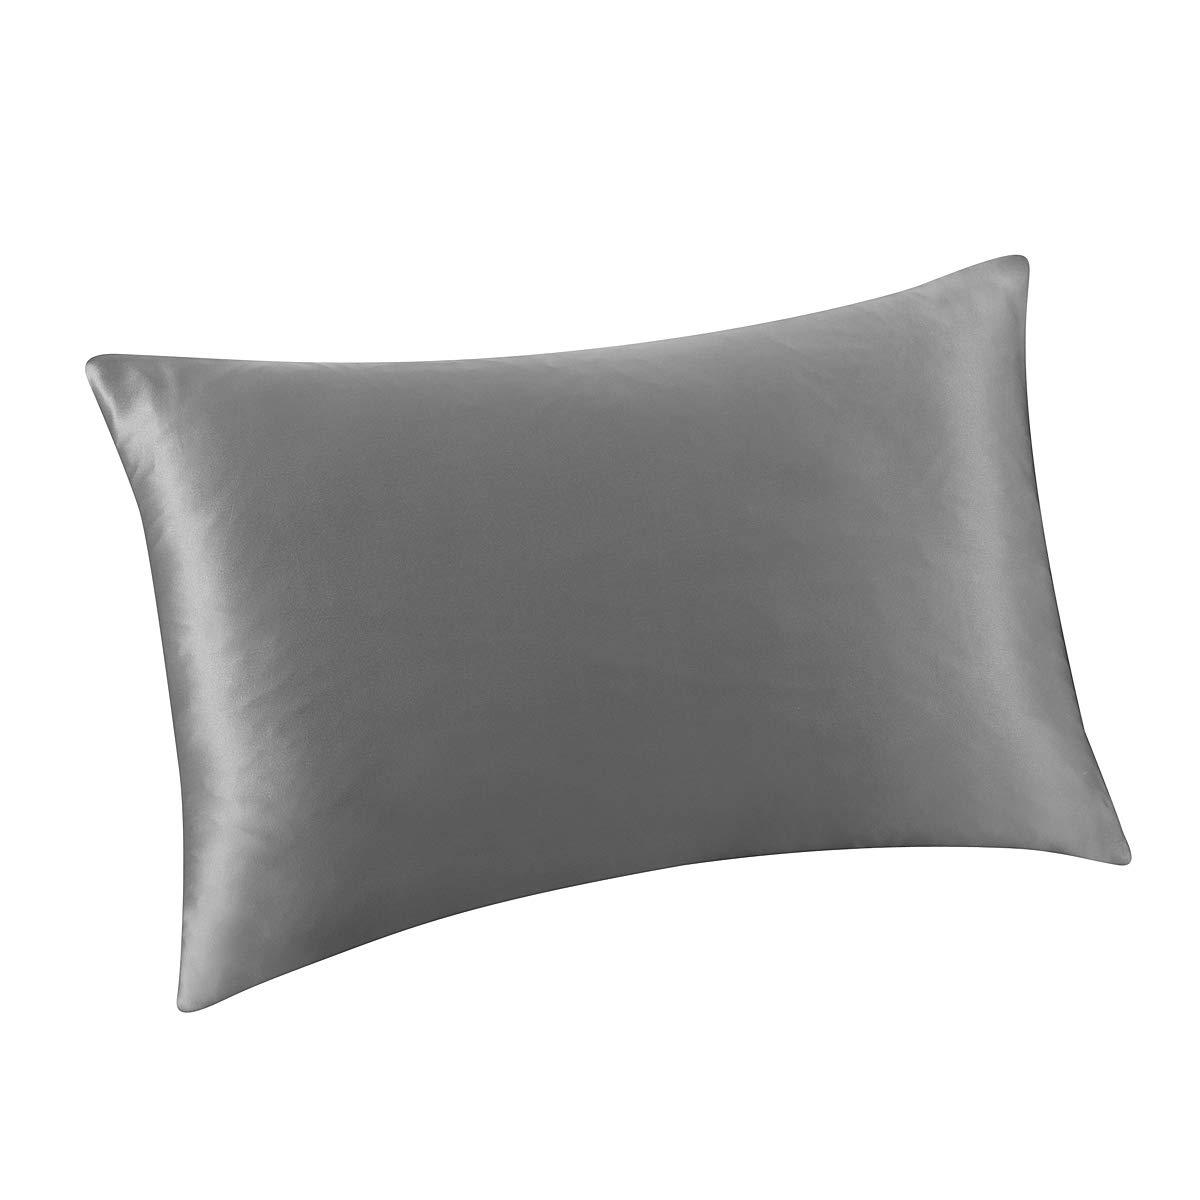 ALASKA BEAR Natural Silk Pillowcase for Hair and Skin 19 Momme 600 Thread Count 100 Percent Hypoallergenic Mulberry Silk Pillow Slip Queen Size with Hidden Zipper (1, Iron Grey) by ALASKA BEAR